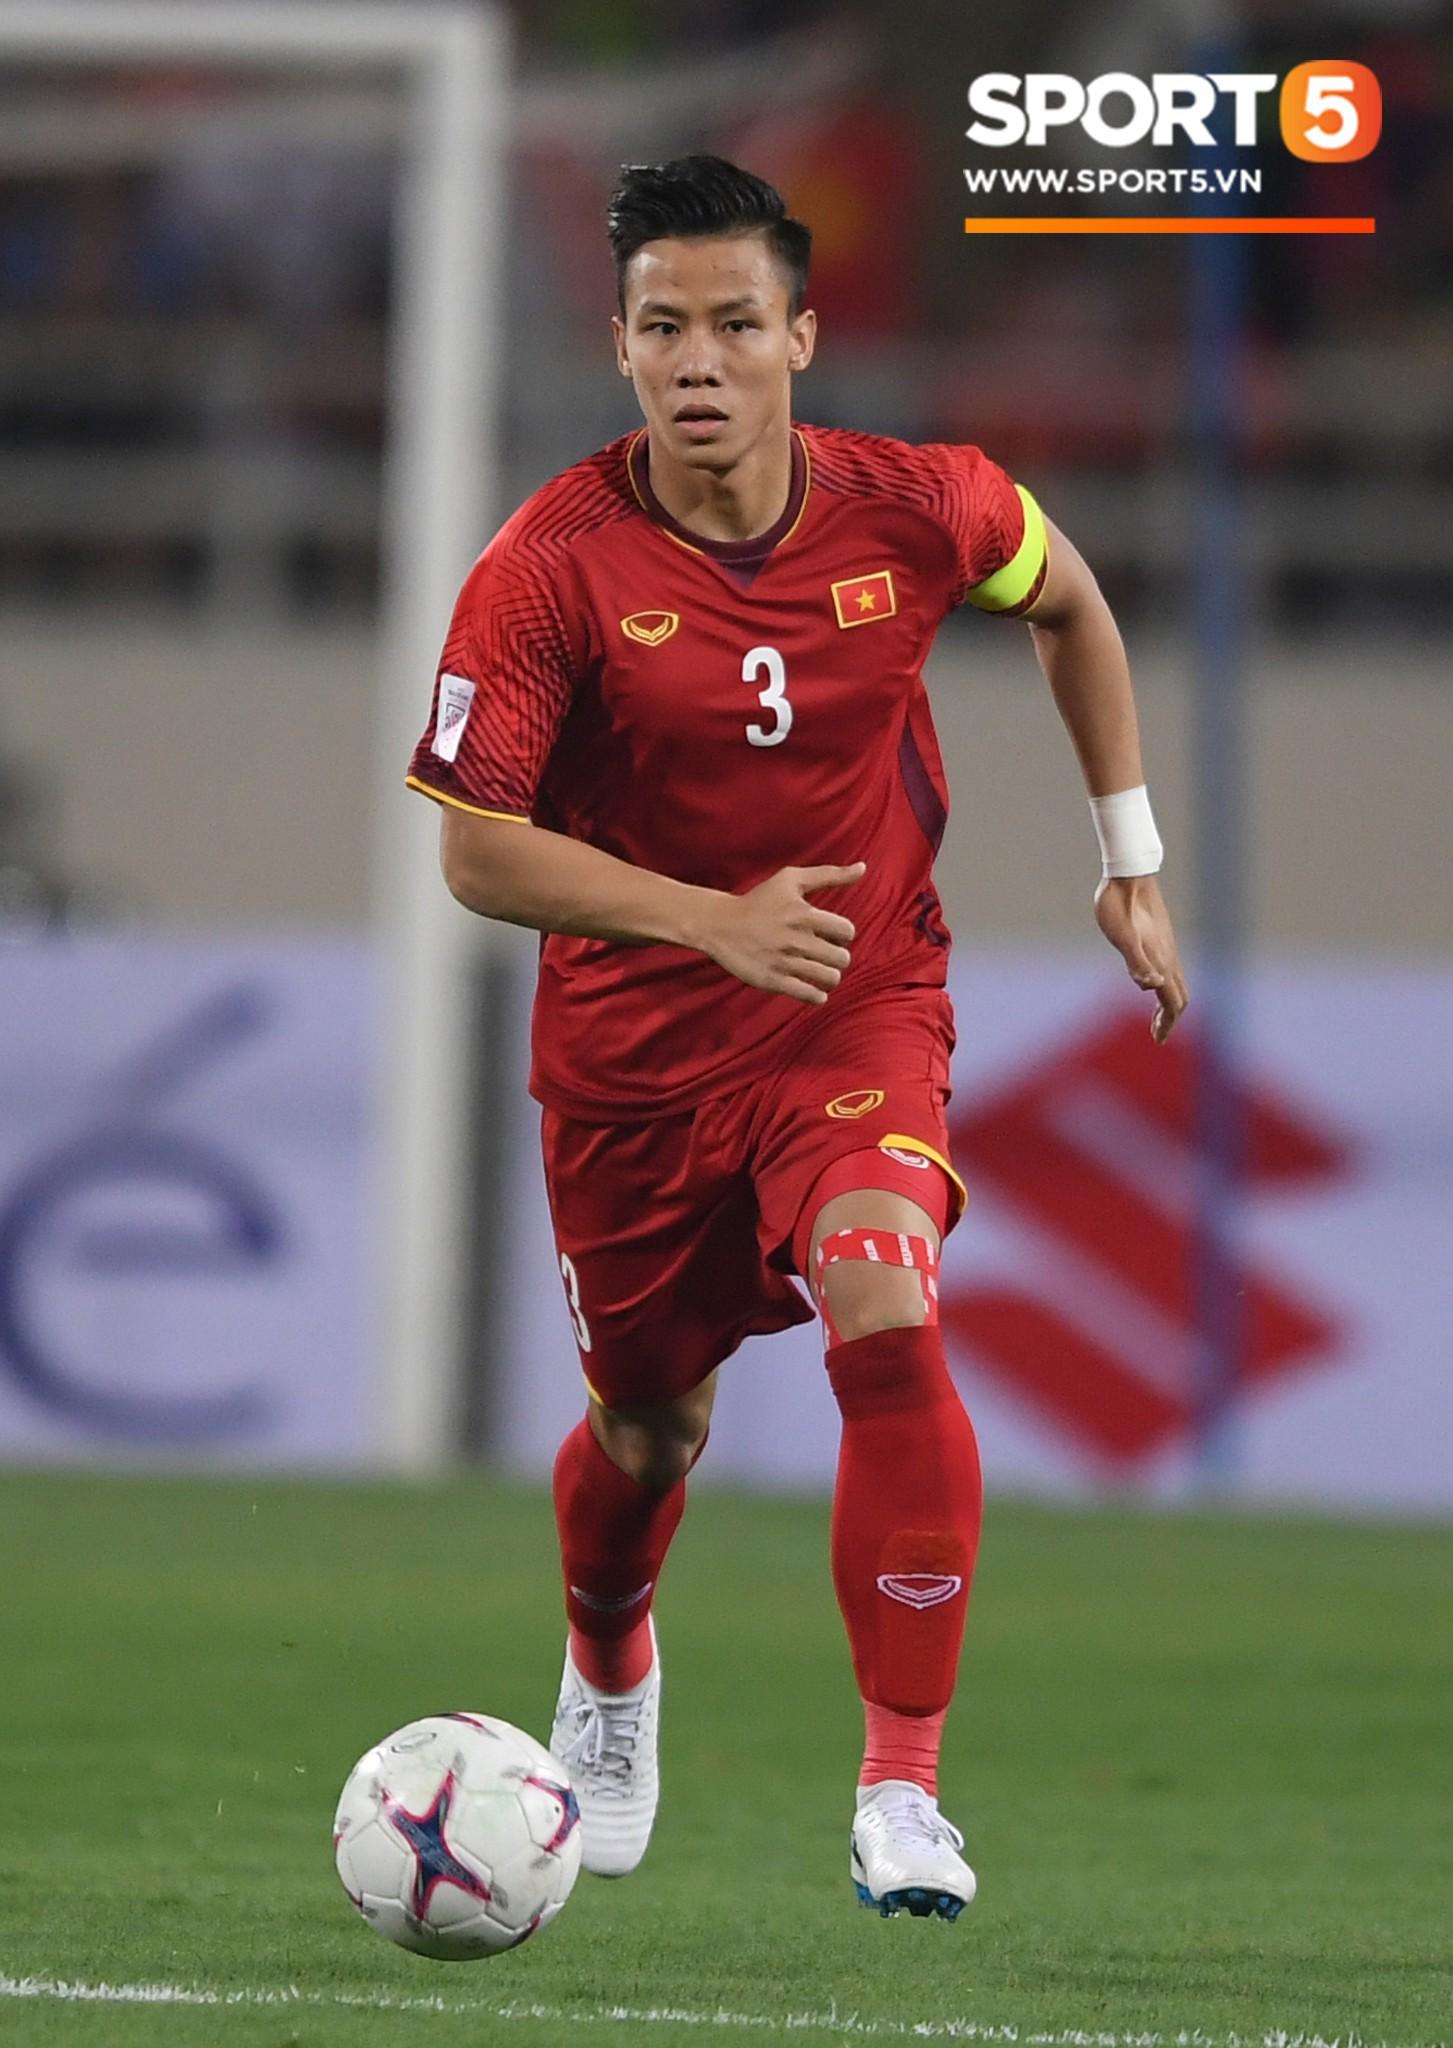 Nếu không đá bóng, các tuyển thủ Việt Nam sẽ đi theo con đường nào?-13